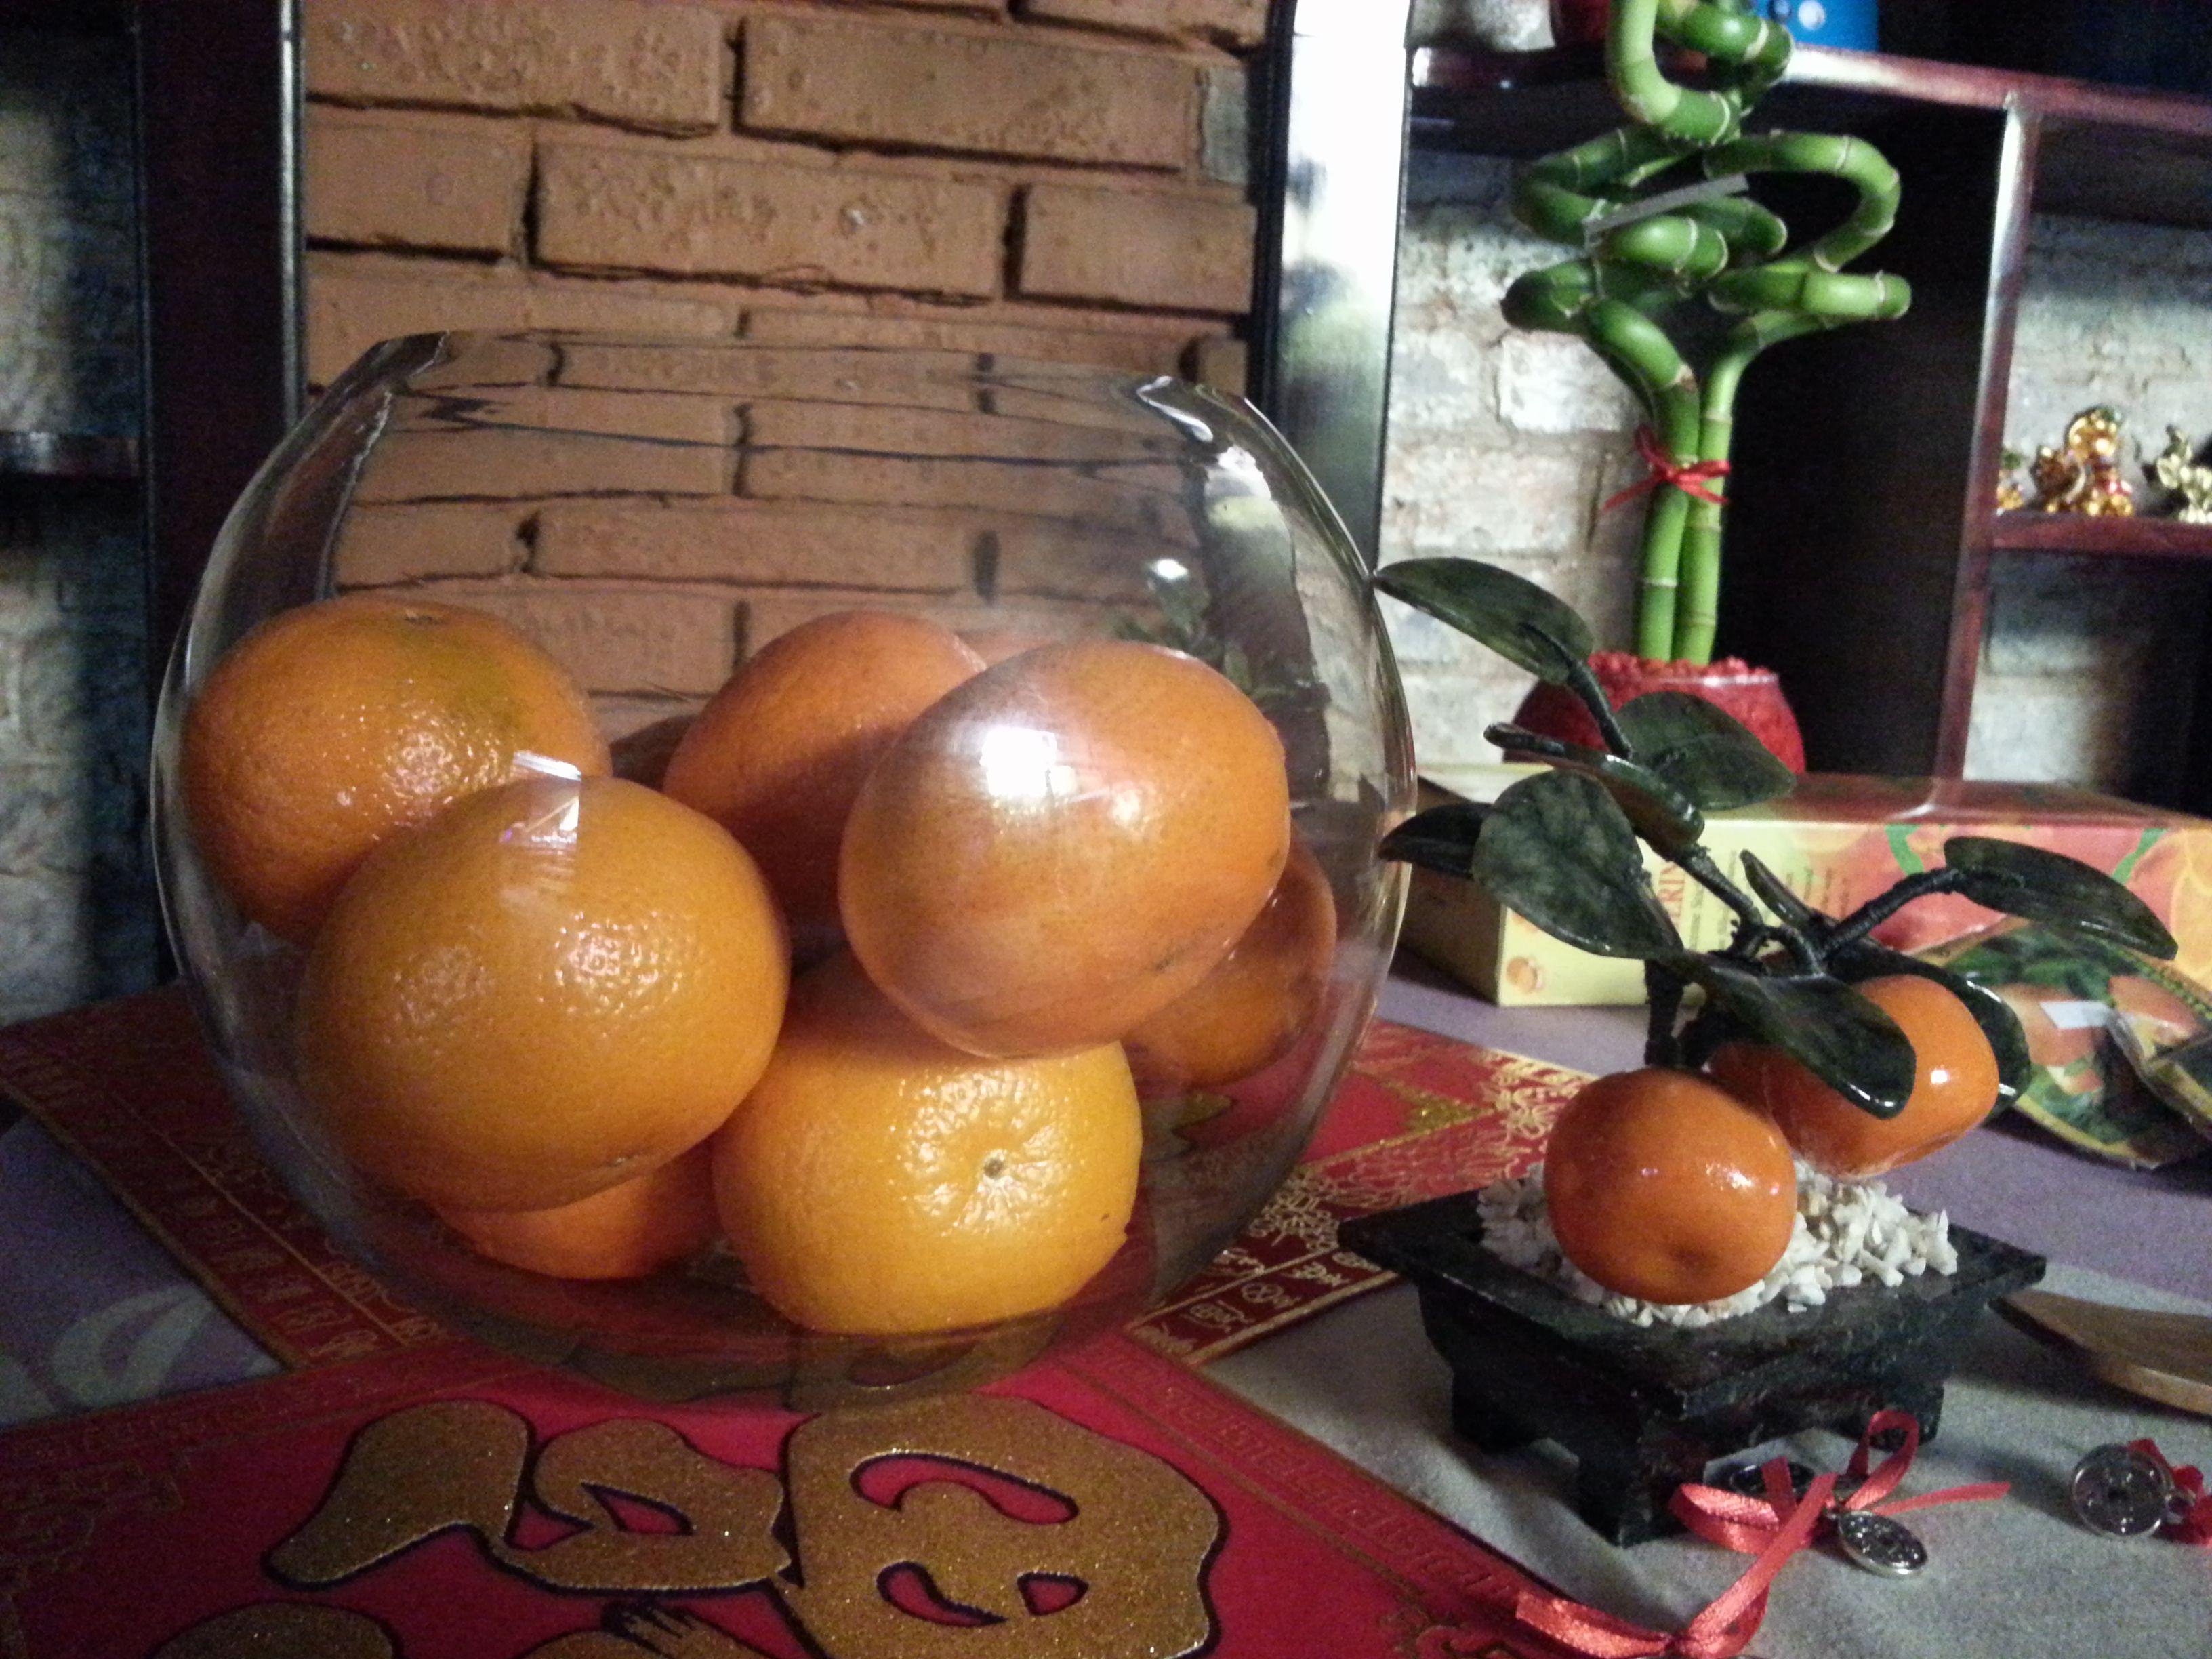 Las mandarinas se comen durante el Año Nuevo Chino y simbolizan prosperidad